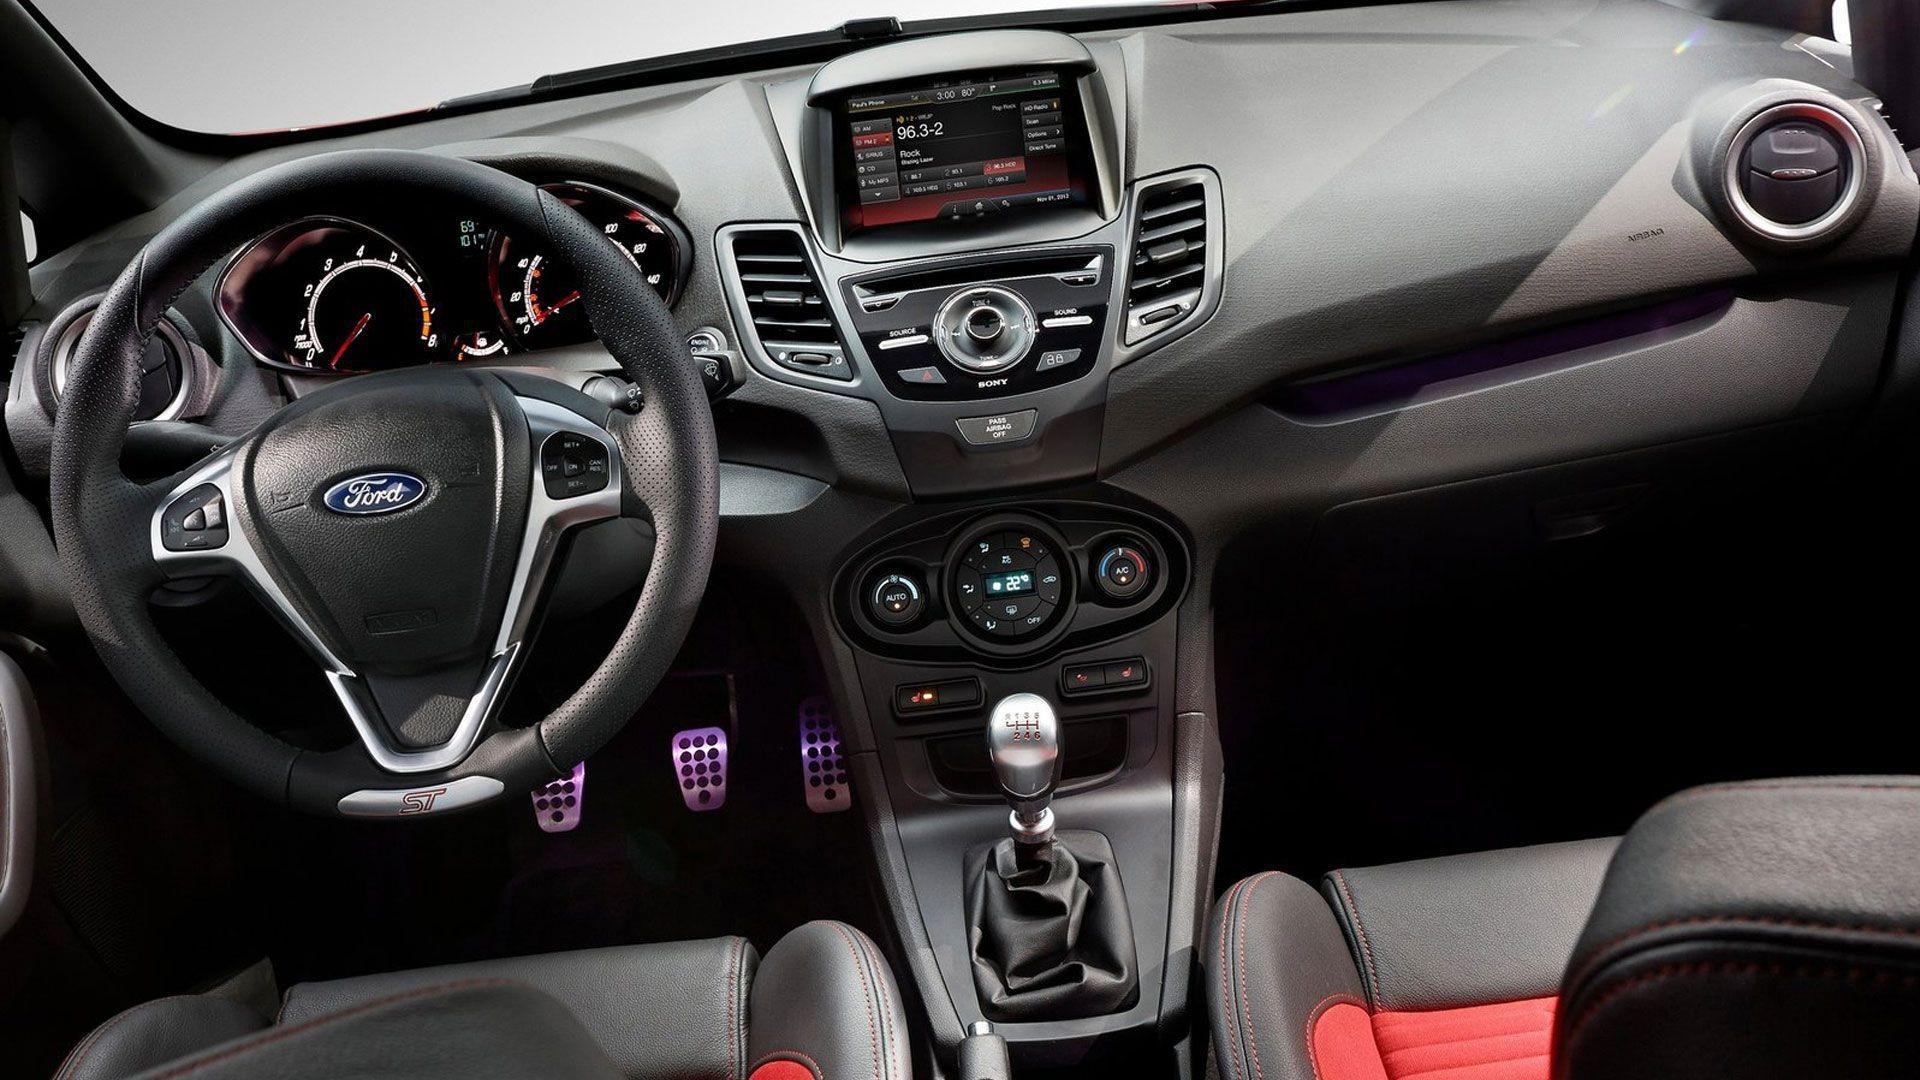 Ford Fiesta Desktop